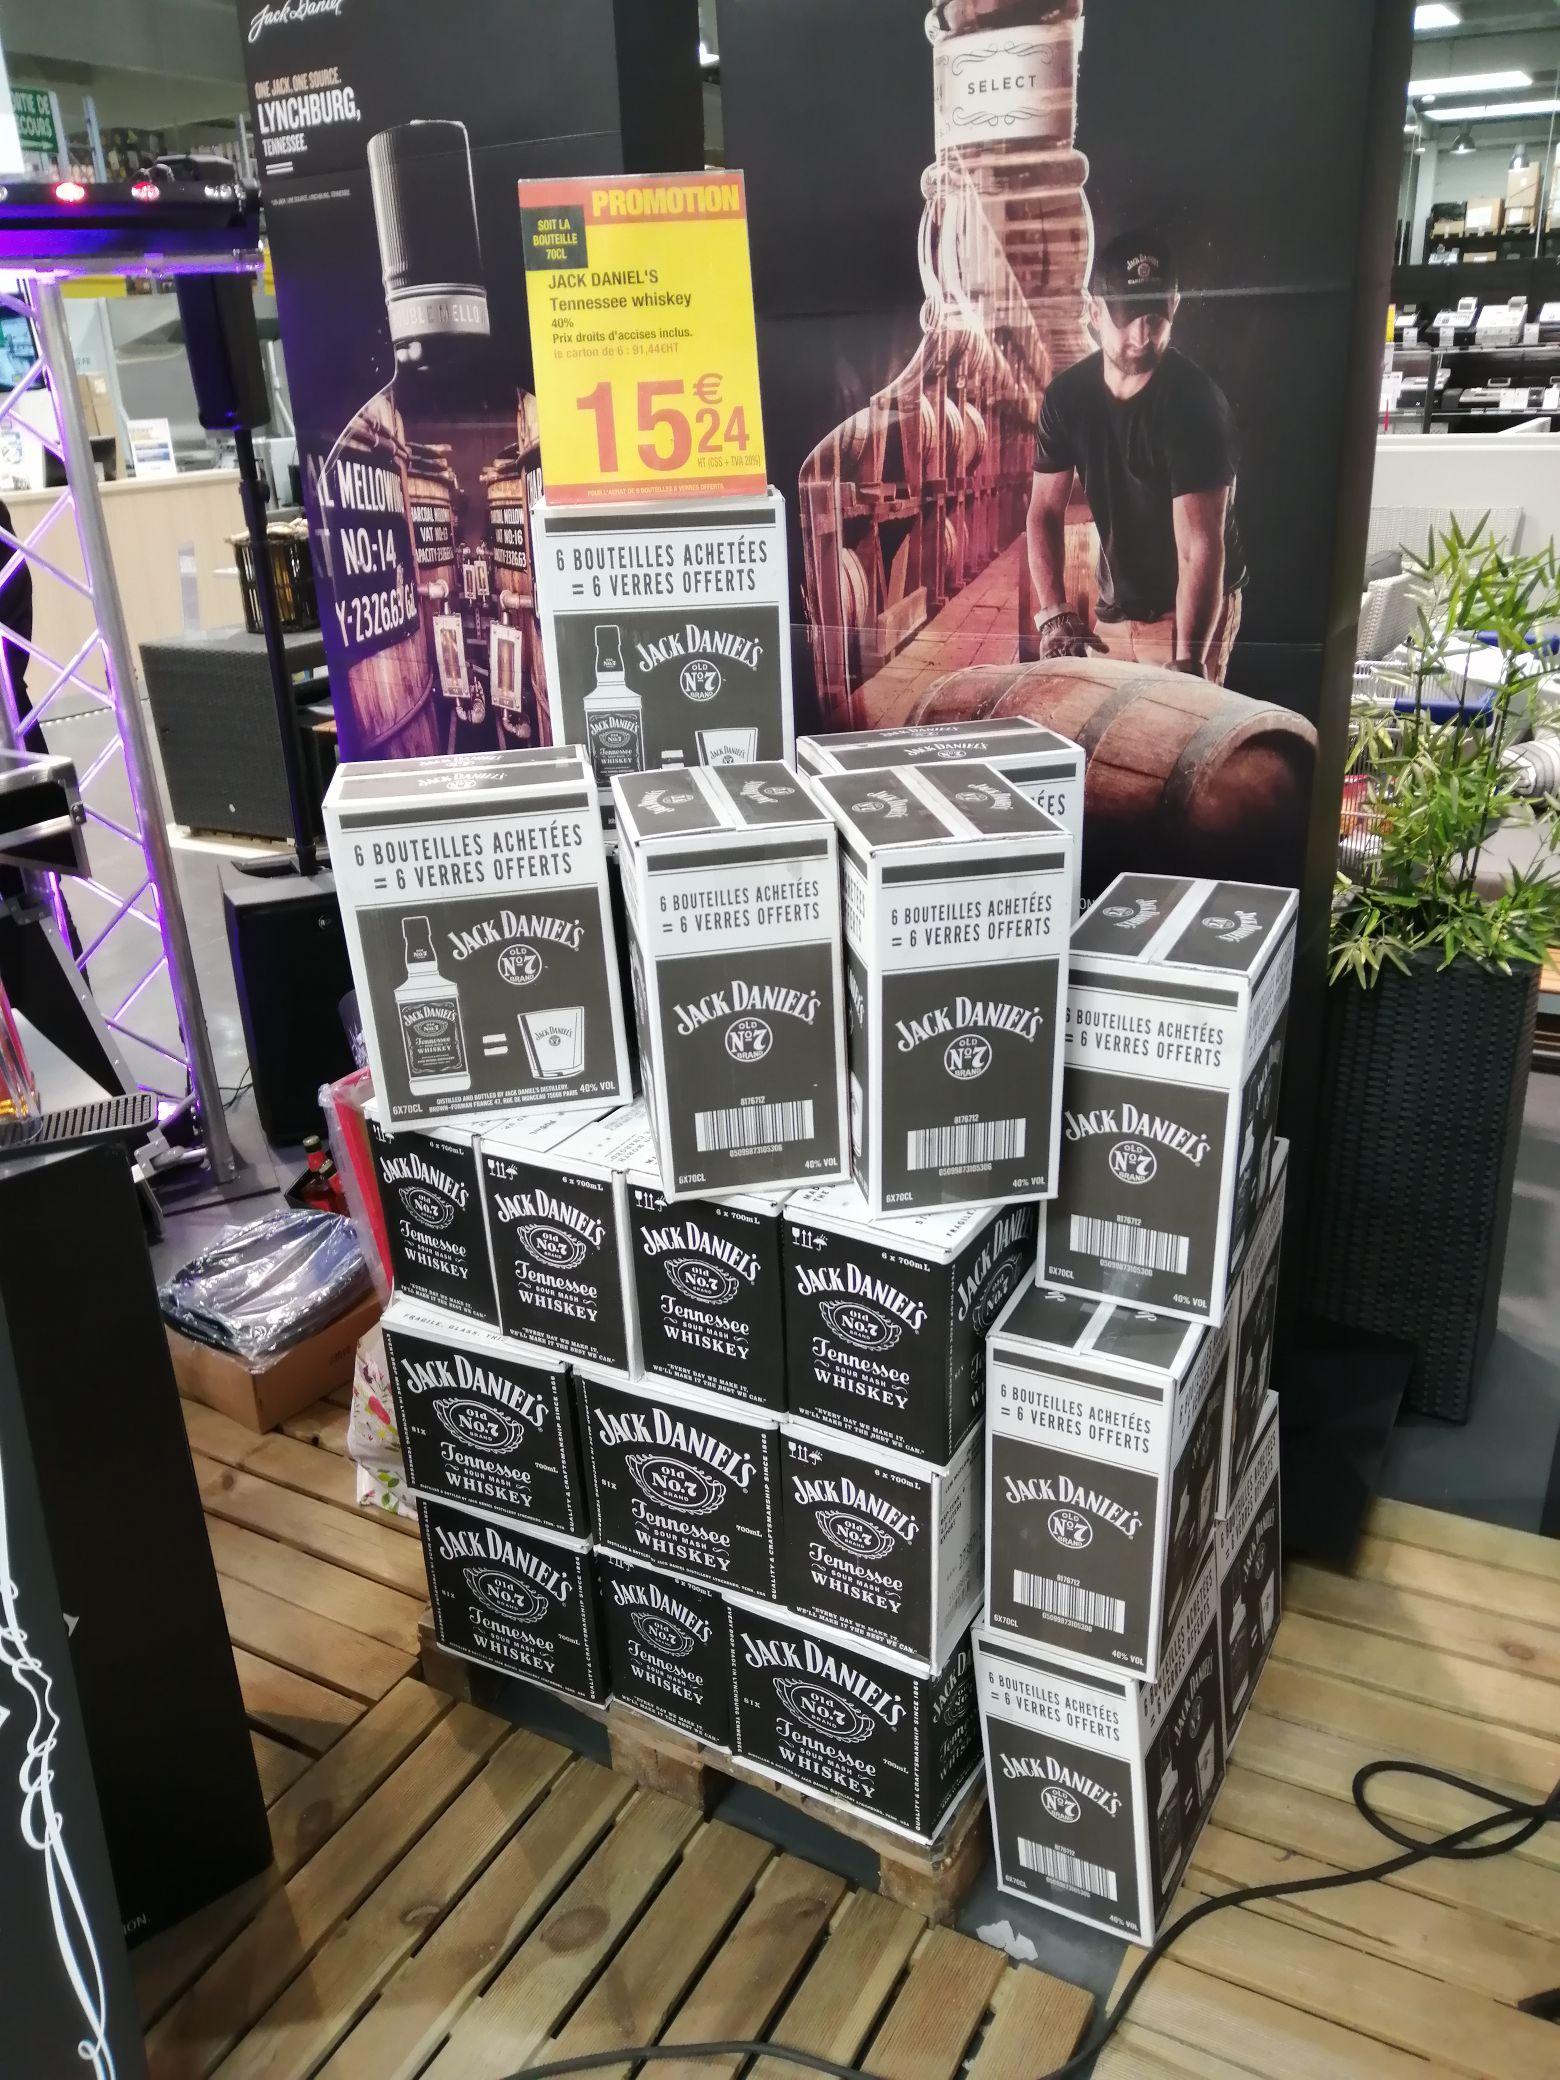 Lot de 6 Bouteilles Jack Daniel's Tennessee Whiskey avec 6 verres offerts - Métro Henin Beaumont (62)